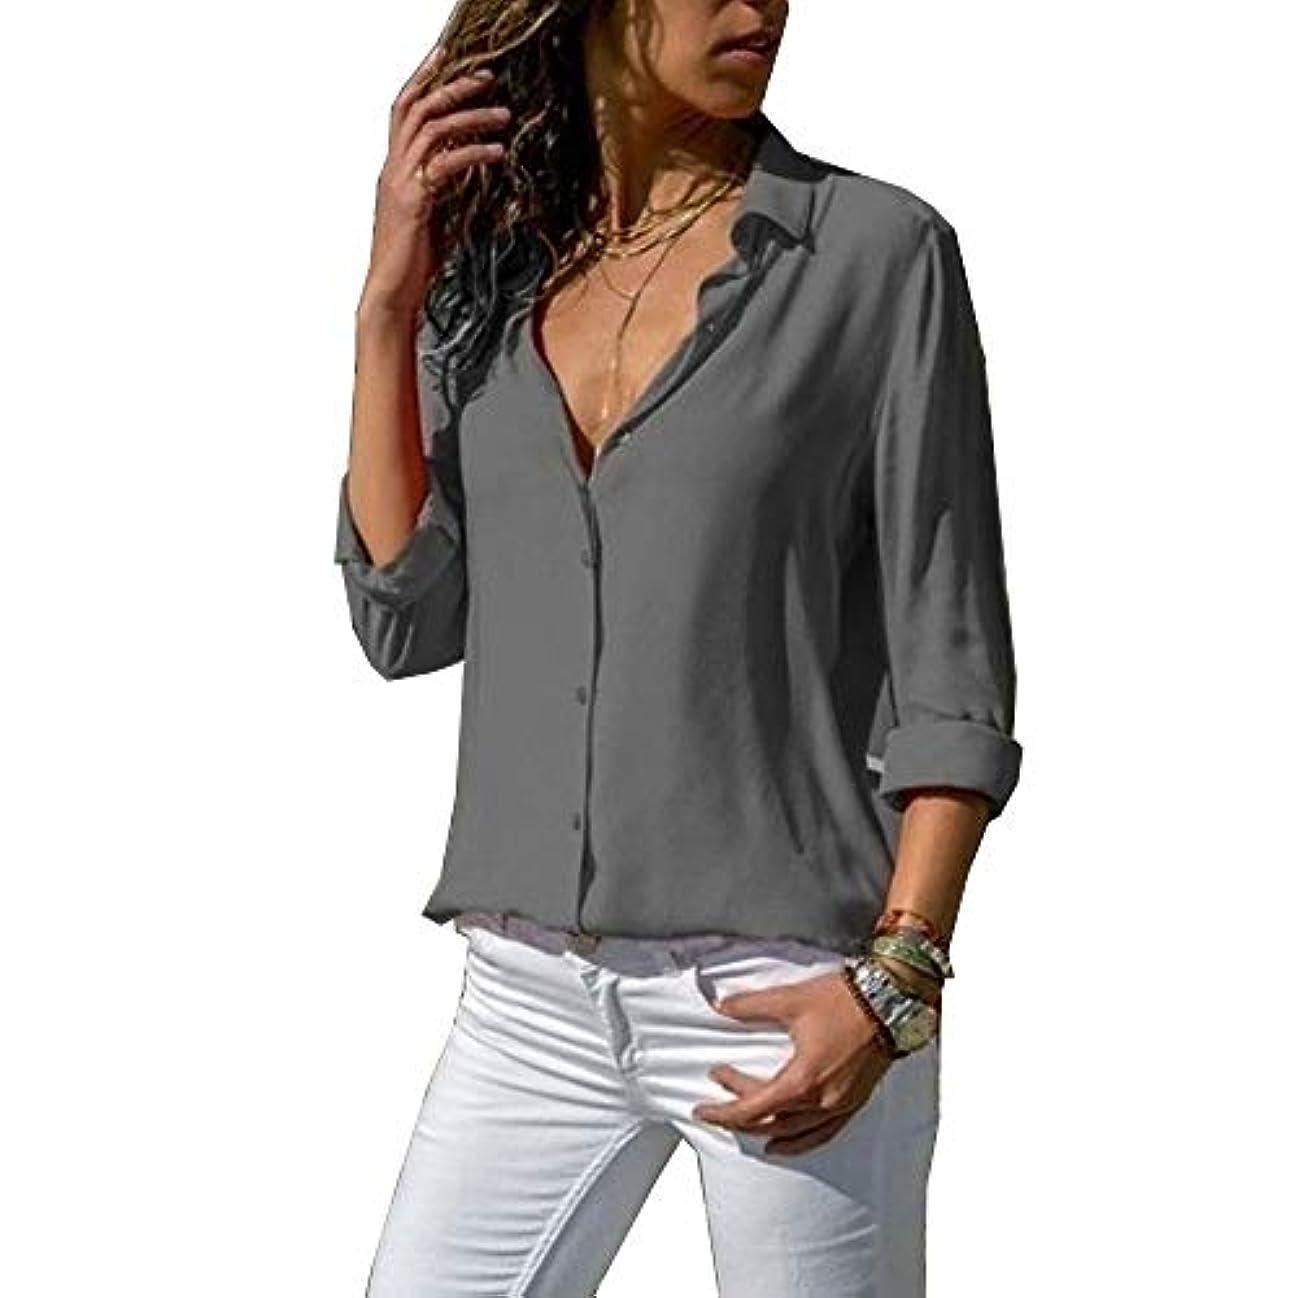 農場ハンドブック農場MIFAN ルーズシャツ、トップス&Tシャツ、プラスサイズ、トップス&ブラウス、シフォンブラウス、女性トップス、シフォンシャツ